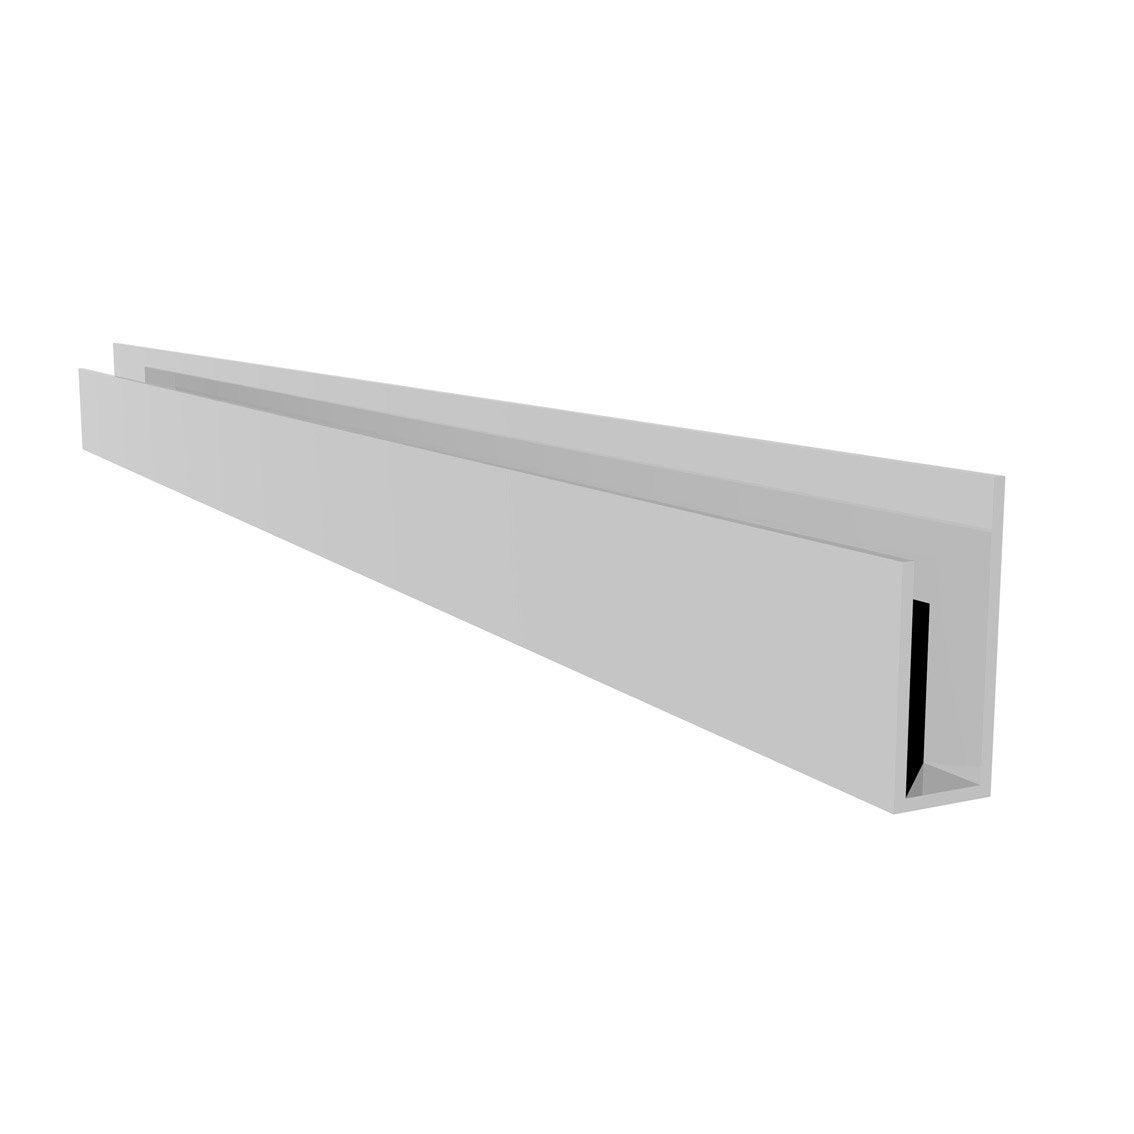 Profil de d part u fsf1063 blanc pvc l 3 m x mm for Profil de finition pvc